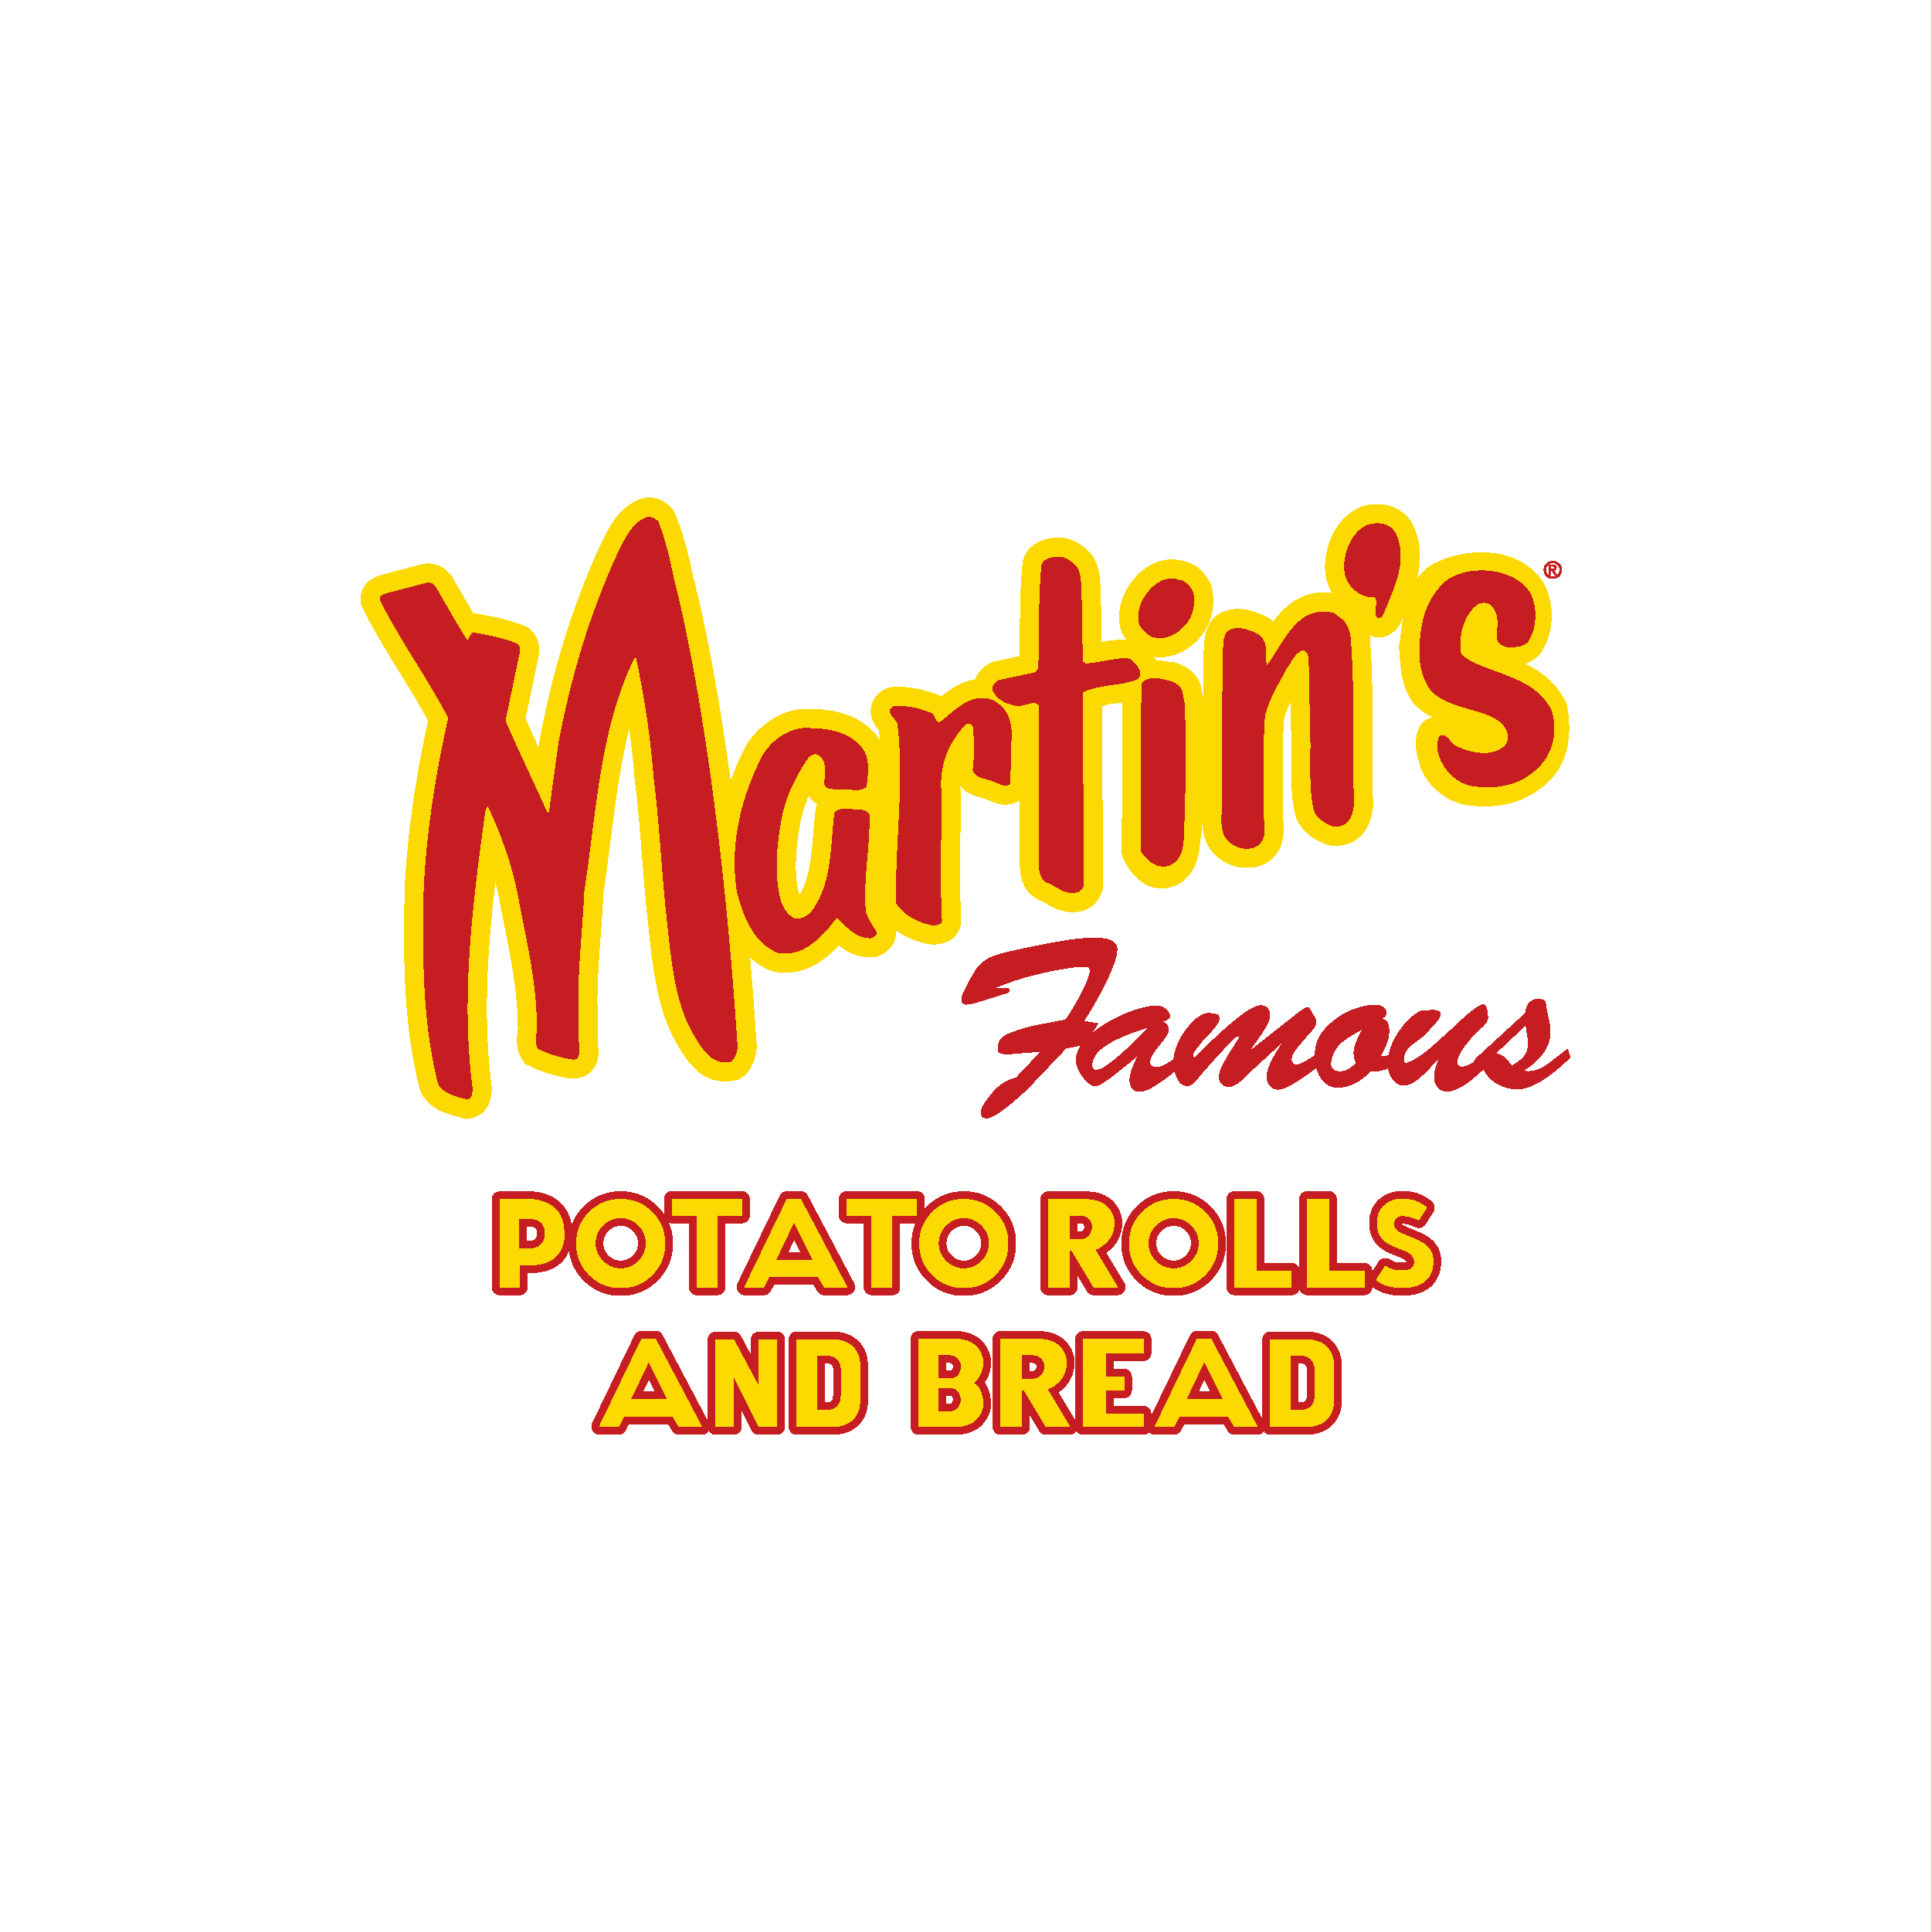 اشتر من العلامة التجارية المفضلة لديك للبطاطا والخبز اللذيذ من مارتينز  من خلال تطبيق أرزاق في السعودية